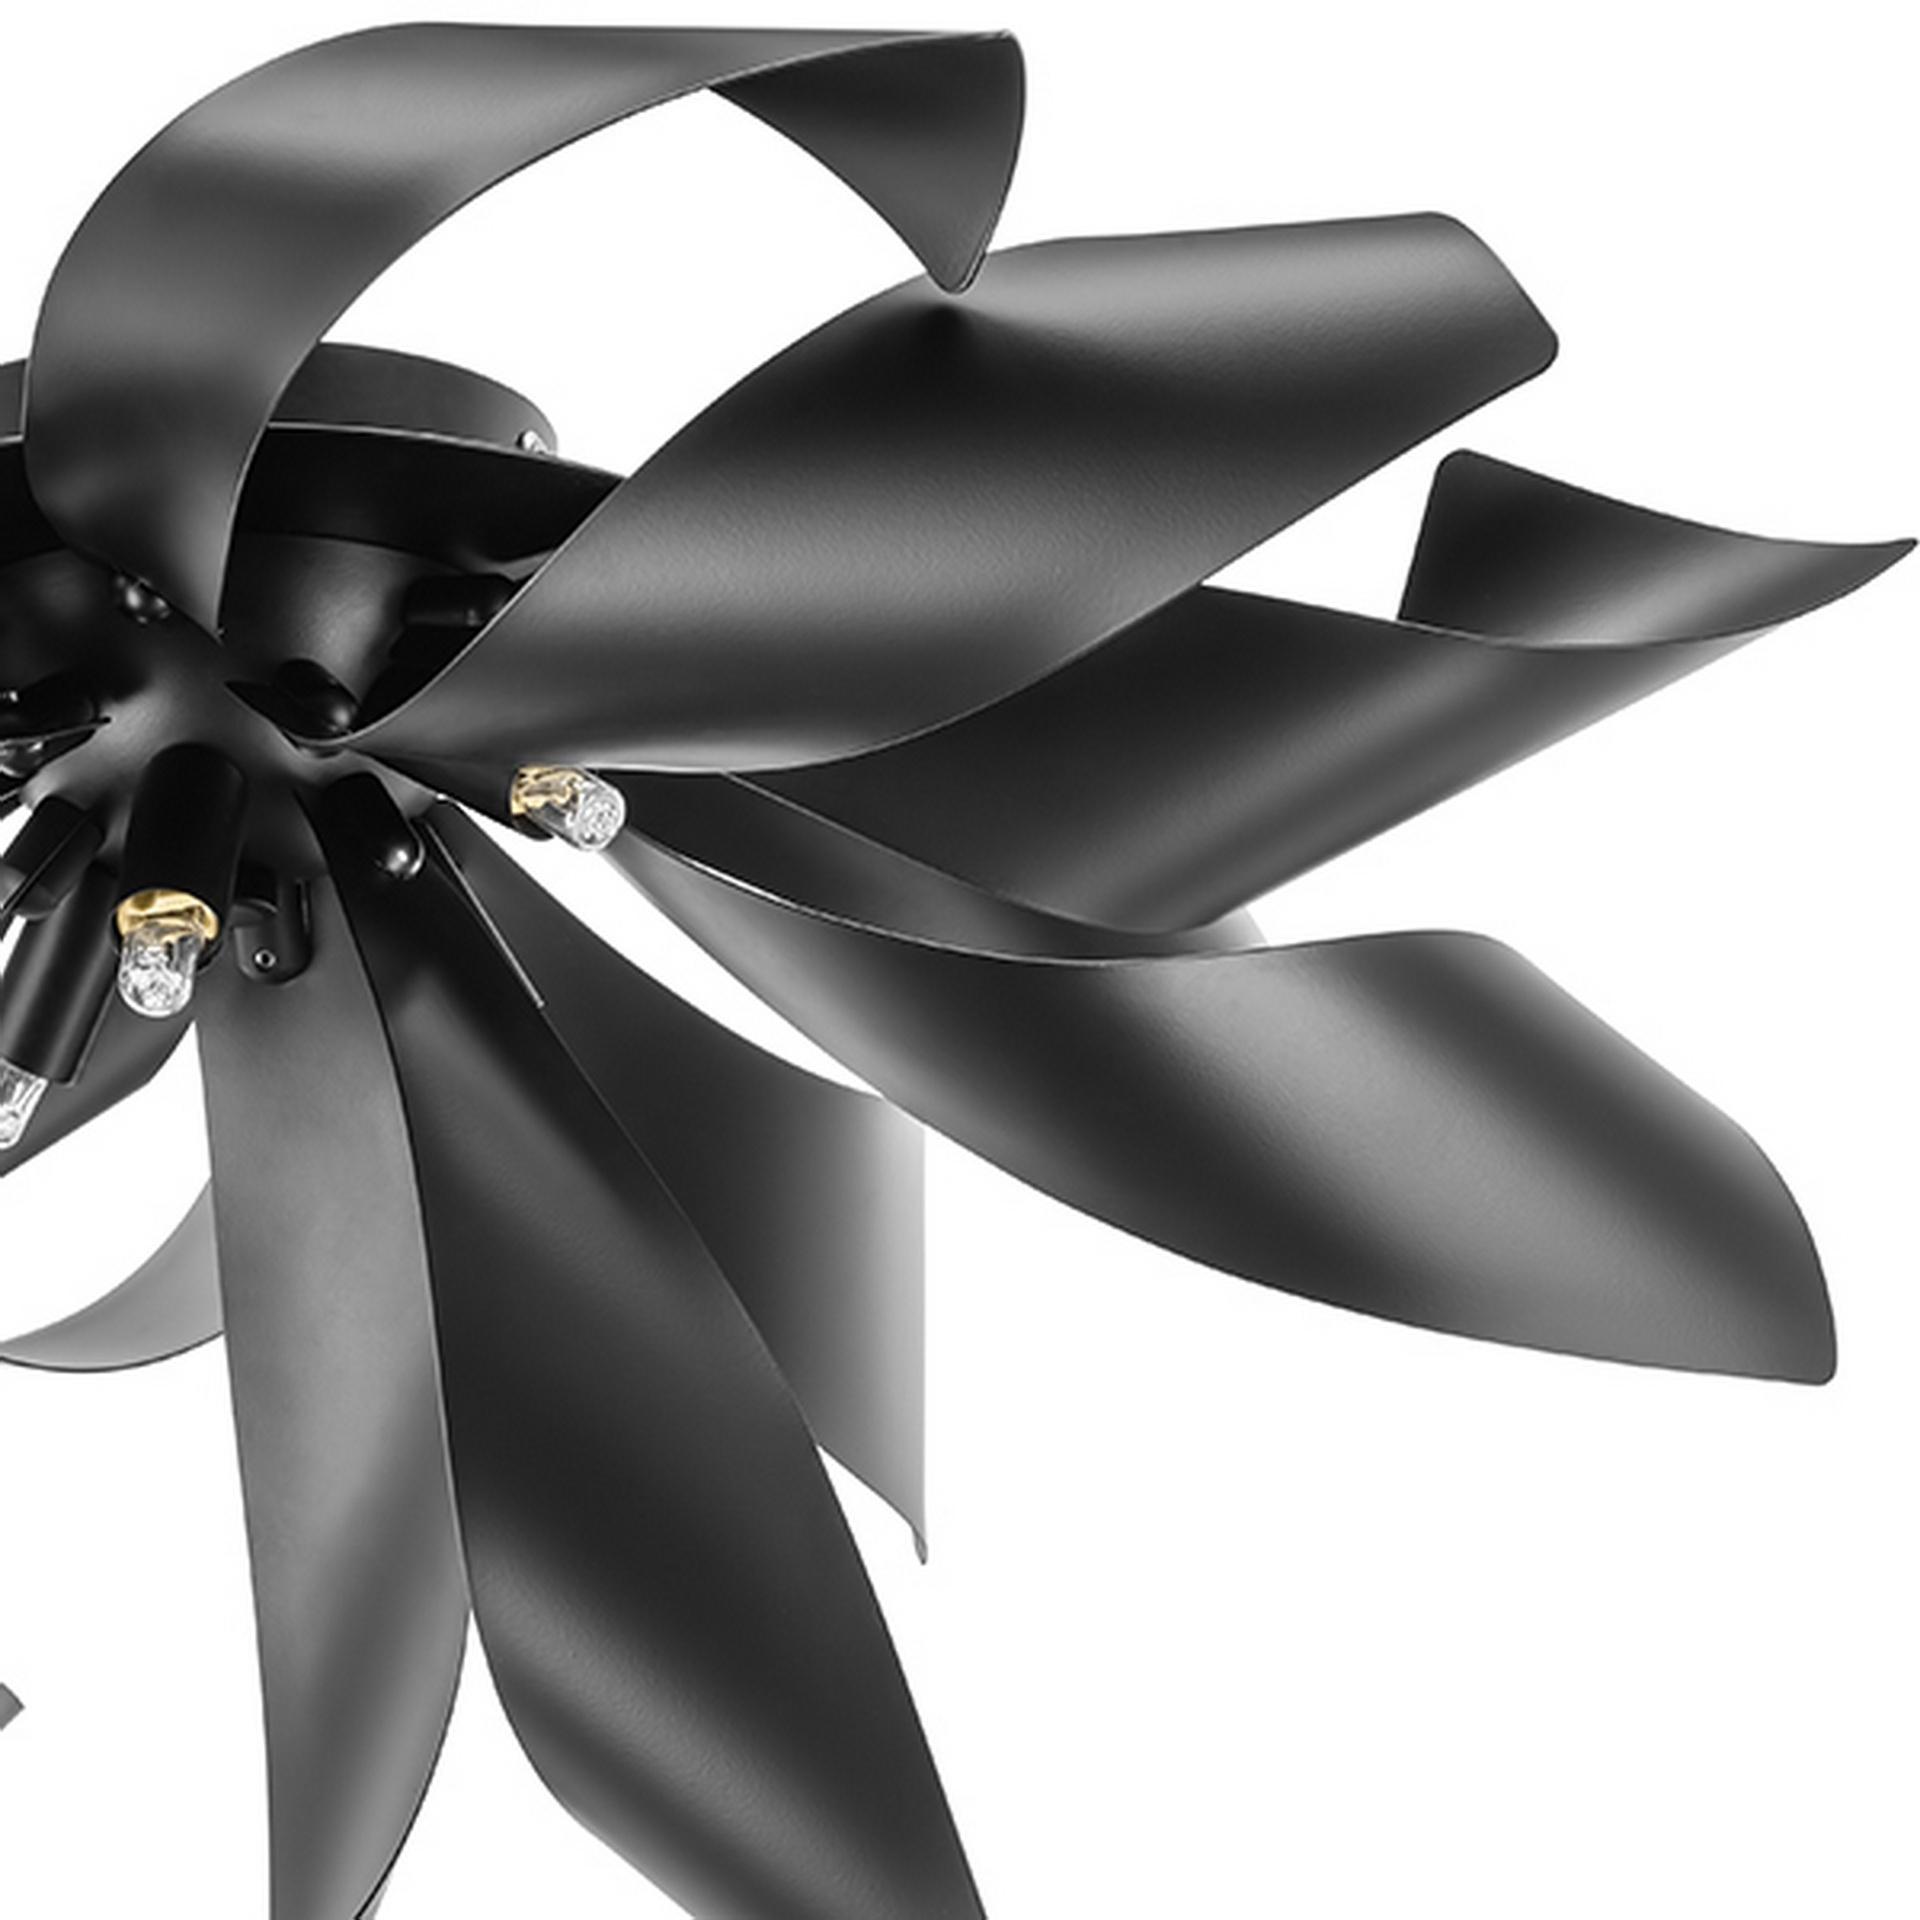 Люстра потолочная Turbio 6Х40W G9 матовая чёрная Lightstar 754167, купить в СПб, Москве, с доставкой, Санкт-Петербург, интернет-магазин люстр и светильников Starlight, фото в жизни